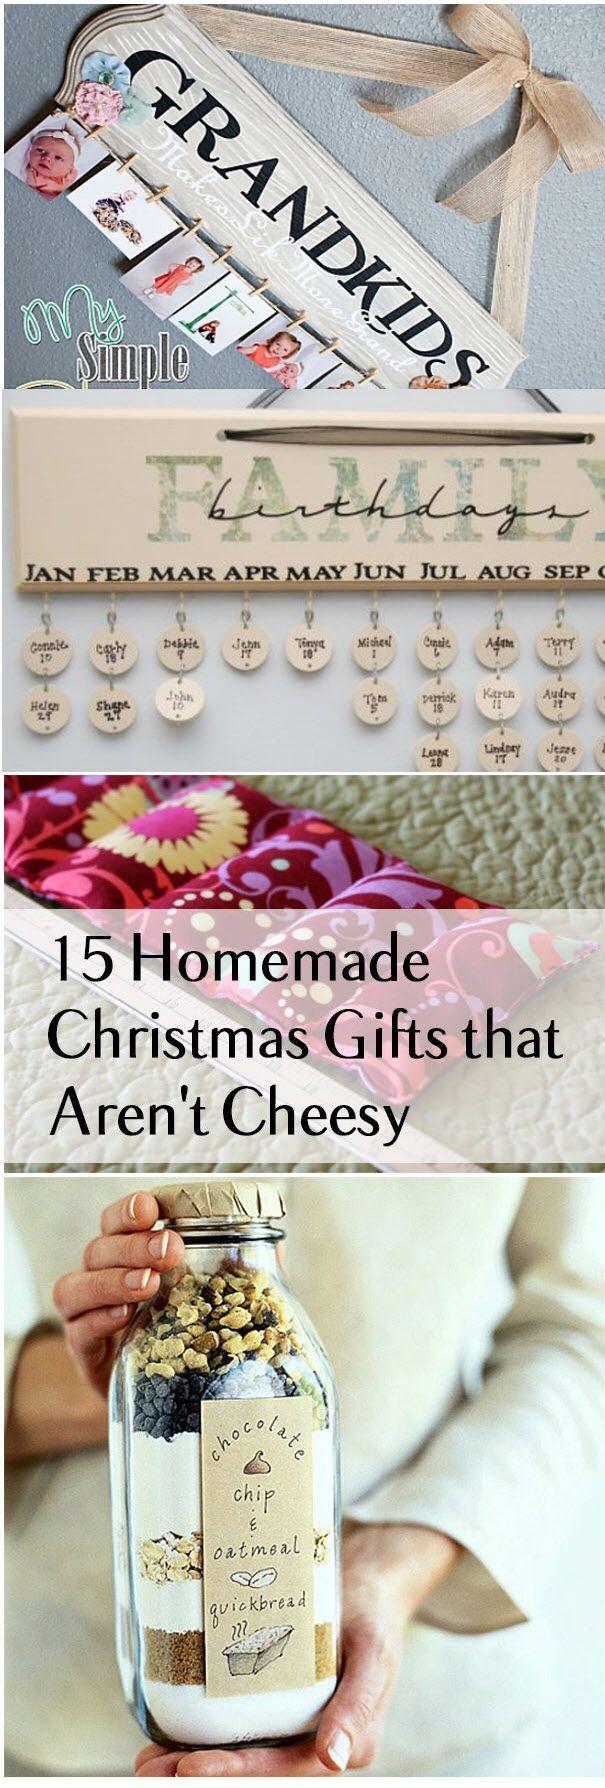 15 hausgemachte Weihnachtsgeschenke, die nicht kitschig sind in 2018 ...